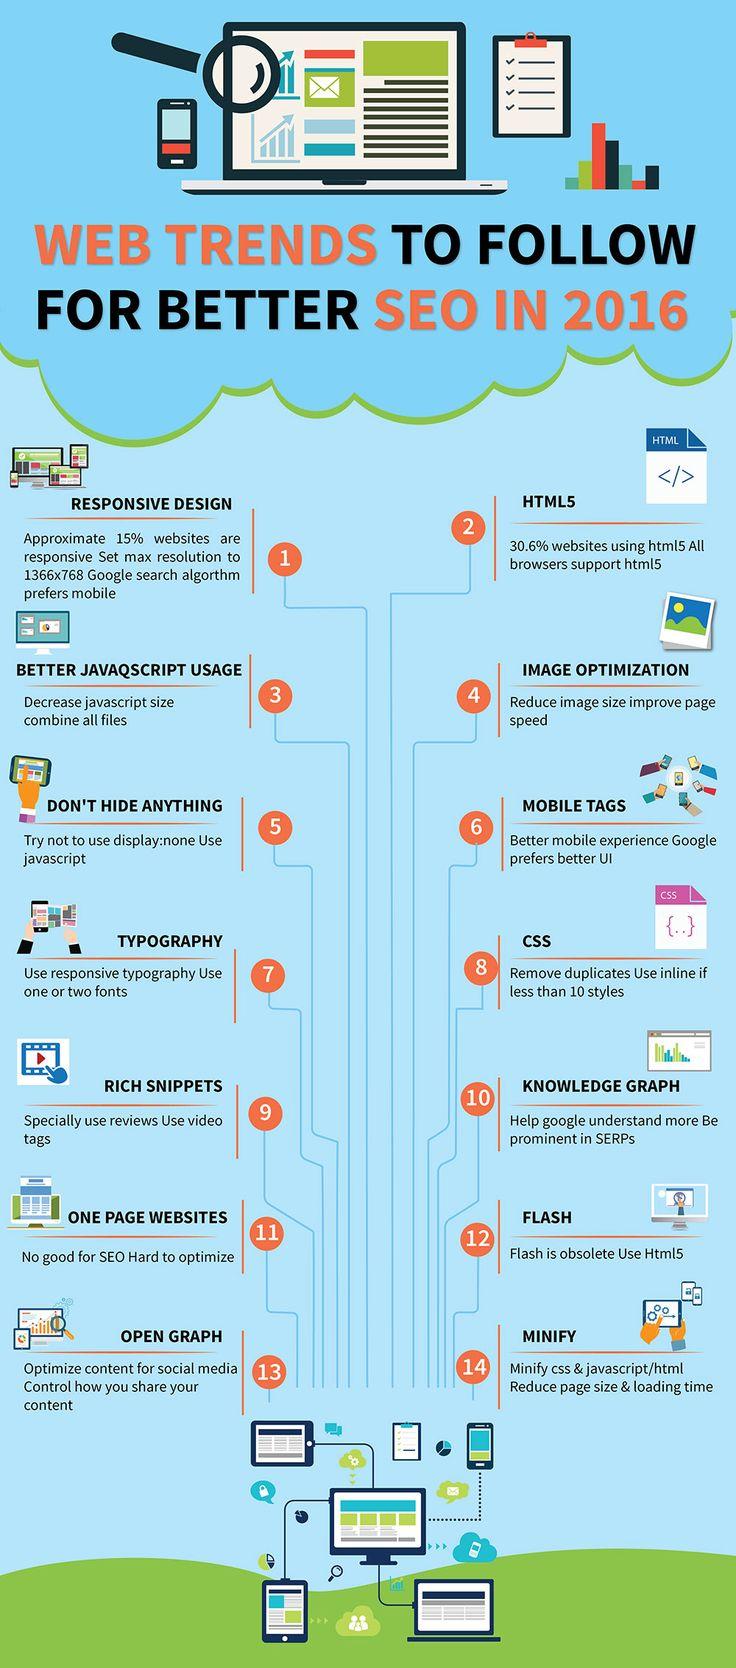 19 février 2016 - Une infographie qui nous donne 14 tendances à suivre pour notre veille sur le référencement naturel en 2016. #referencement #seo #internet